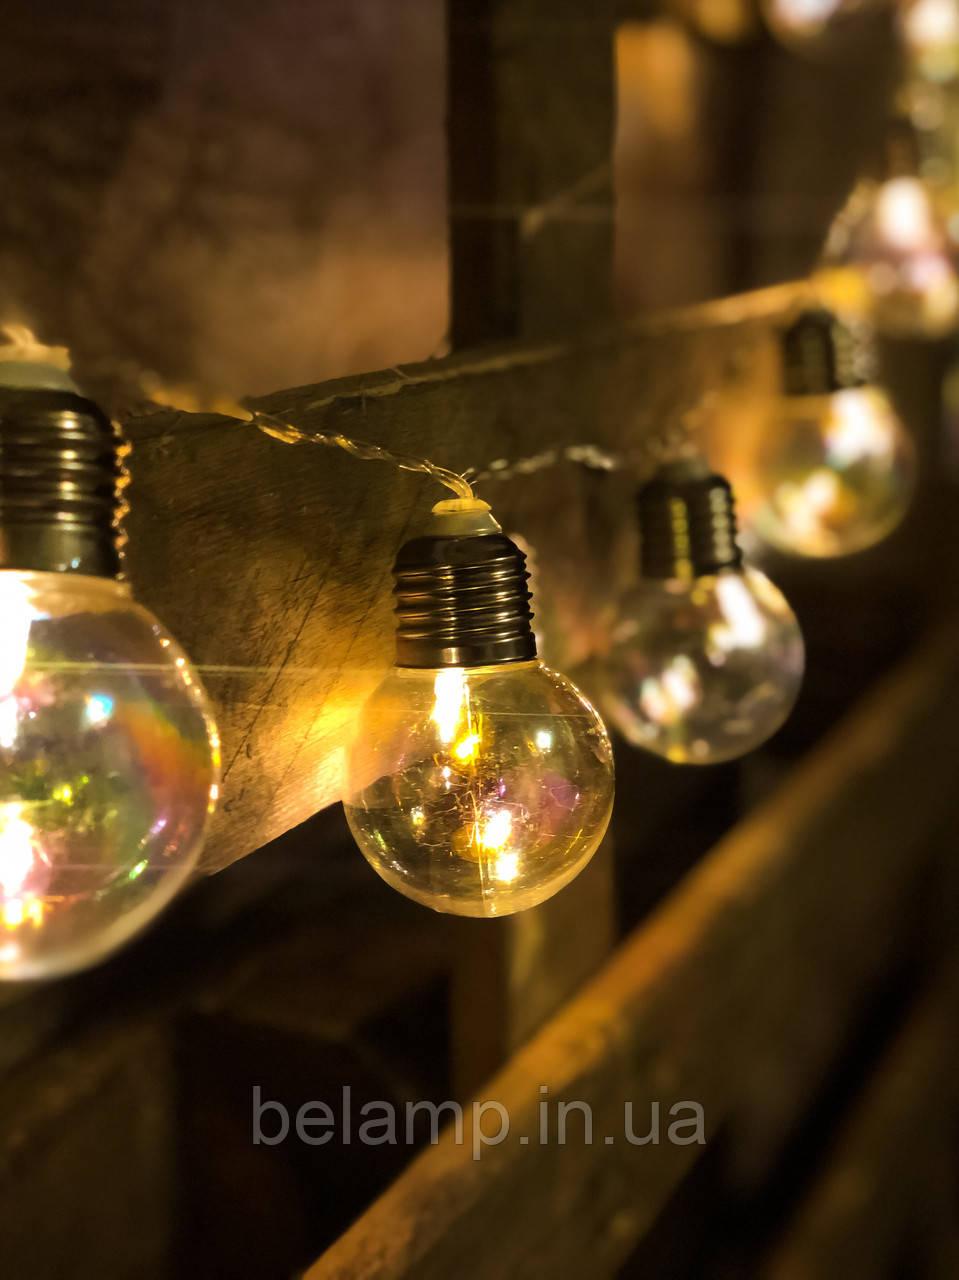 Гирлянда на батарейках «Радужные лампочки»